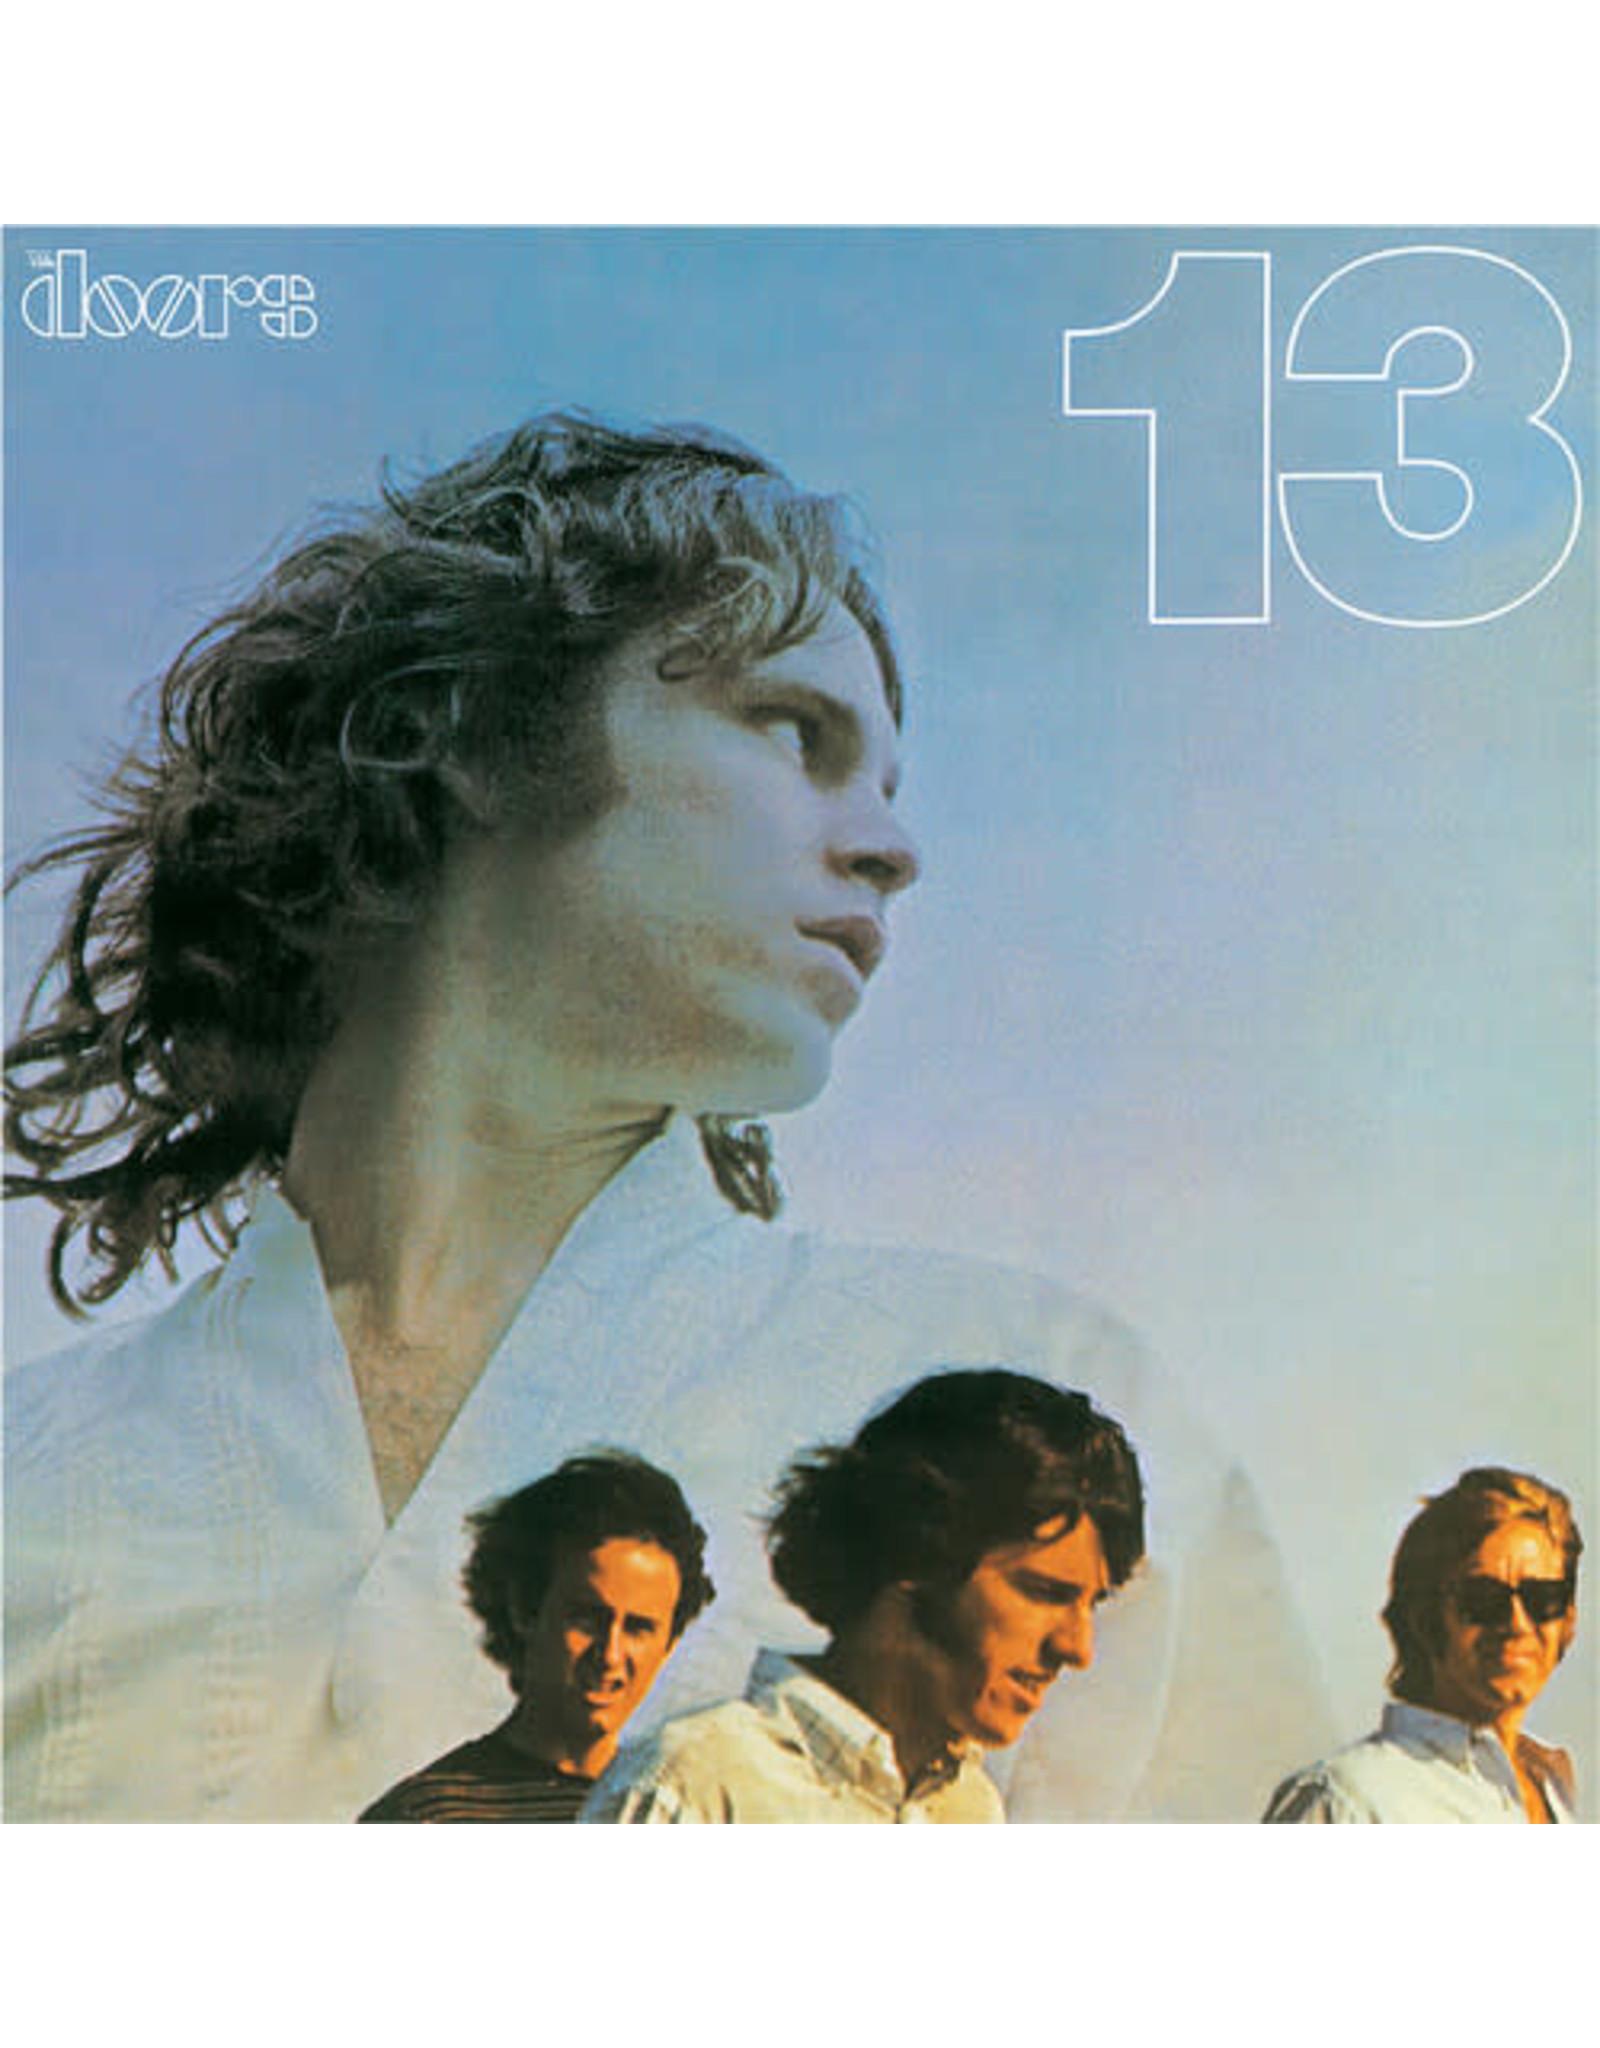 New Vinyl The Doors - 13 LP